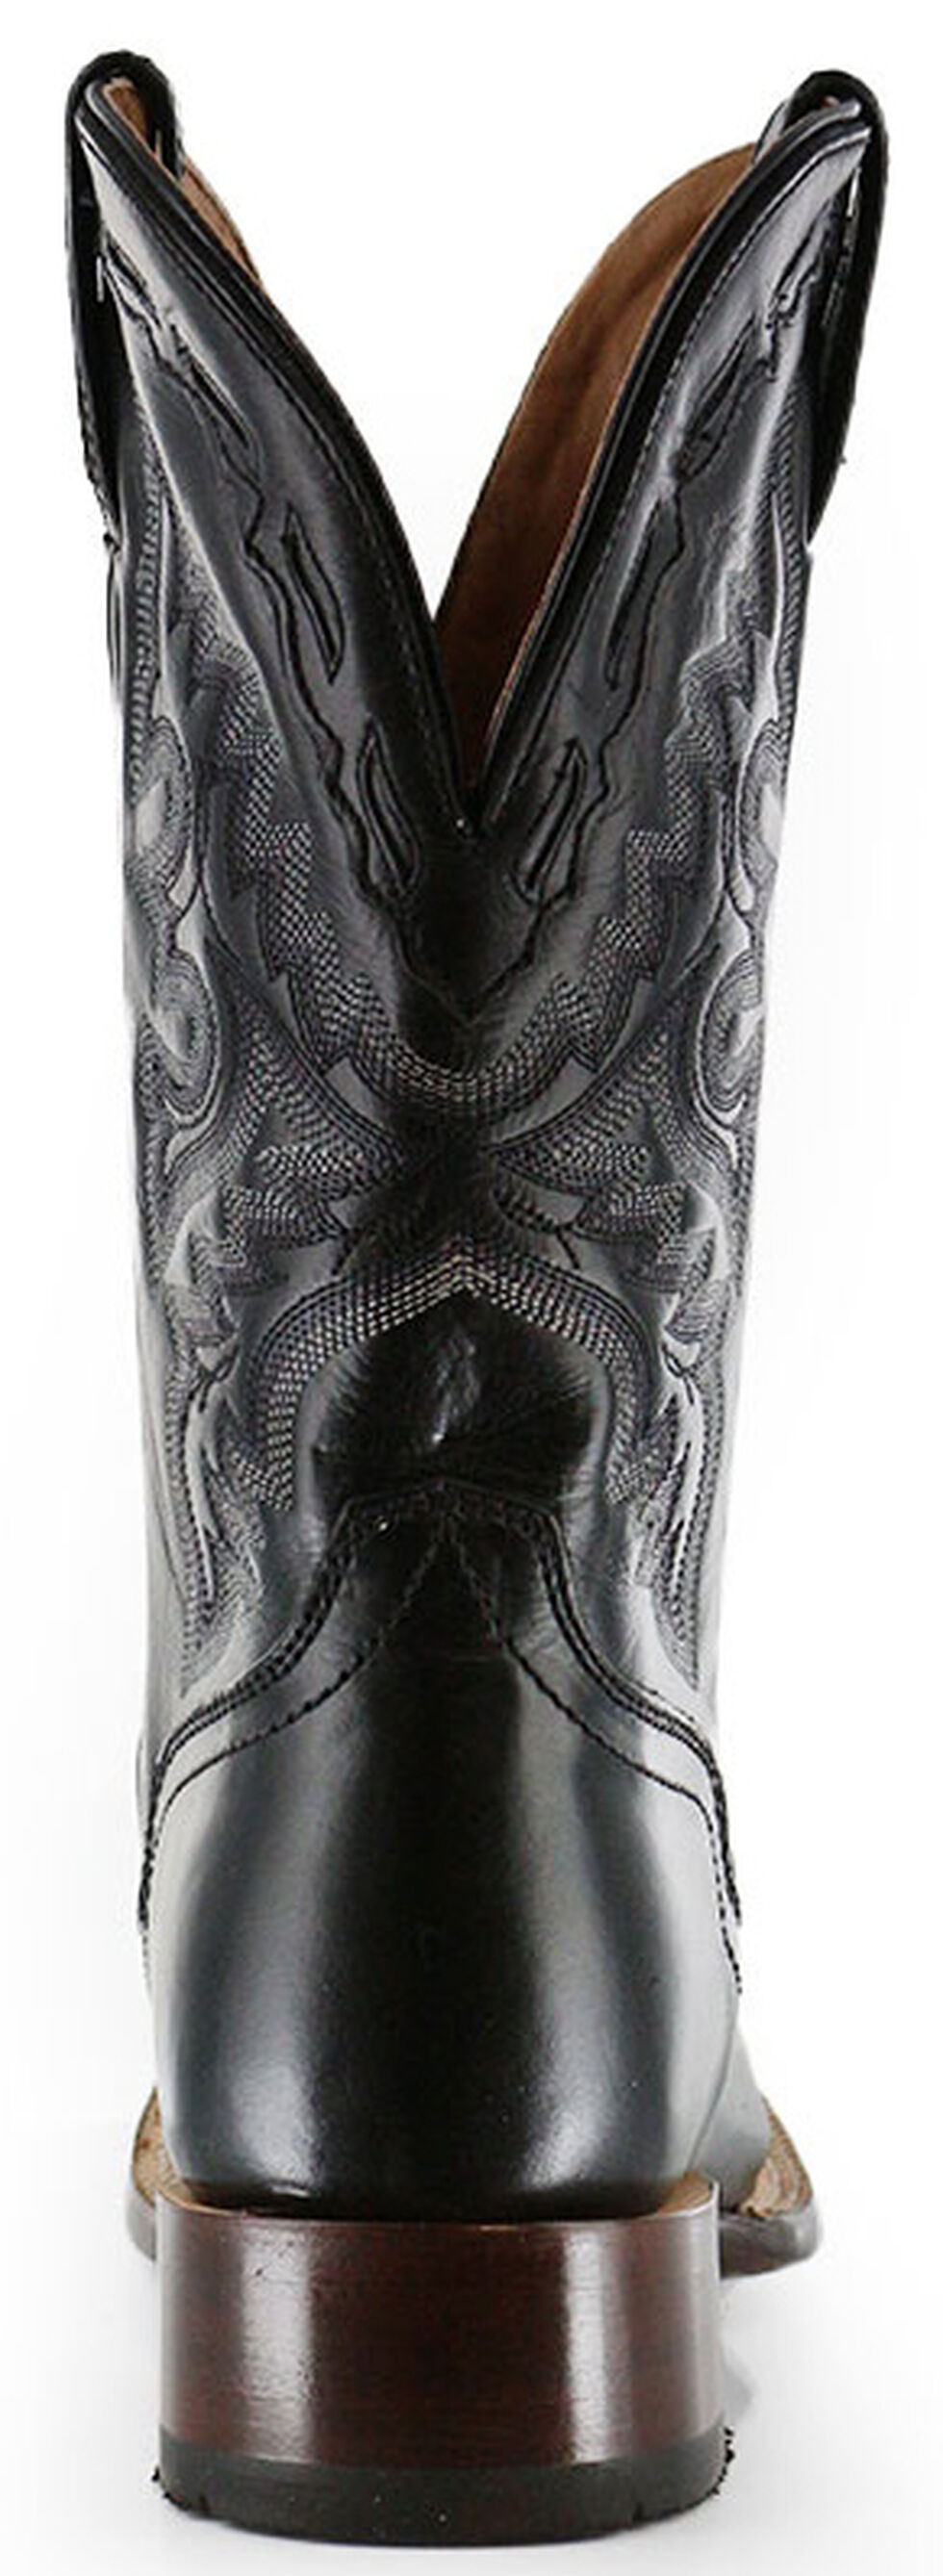 El Dorado Handmade Black Vanquished Calf Cowboy Boots - Square Toe, Black, hi-res